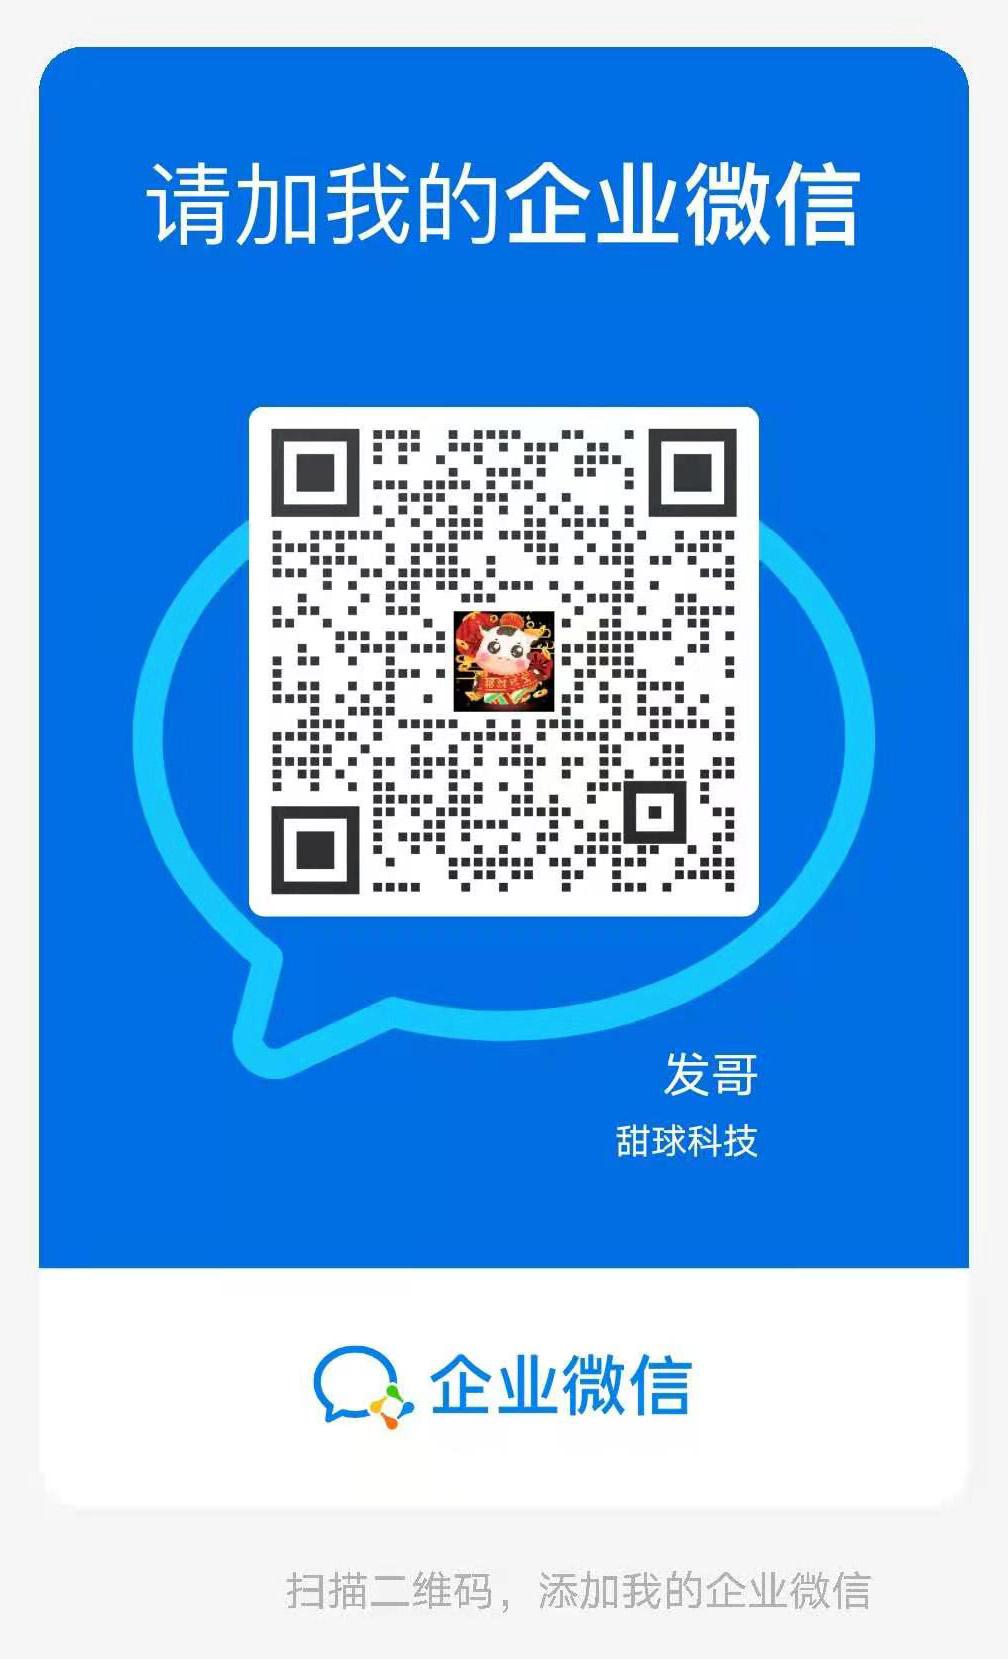 微信图片_20210118083423.jpg